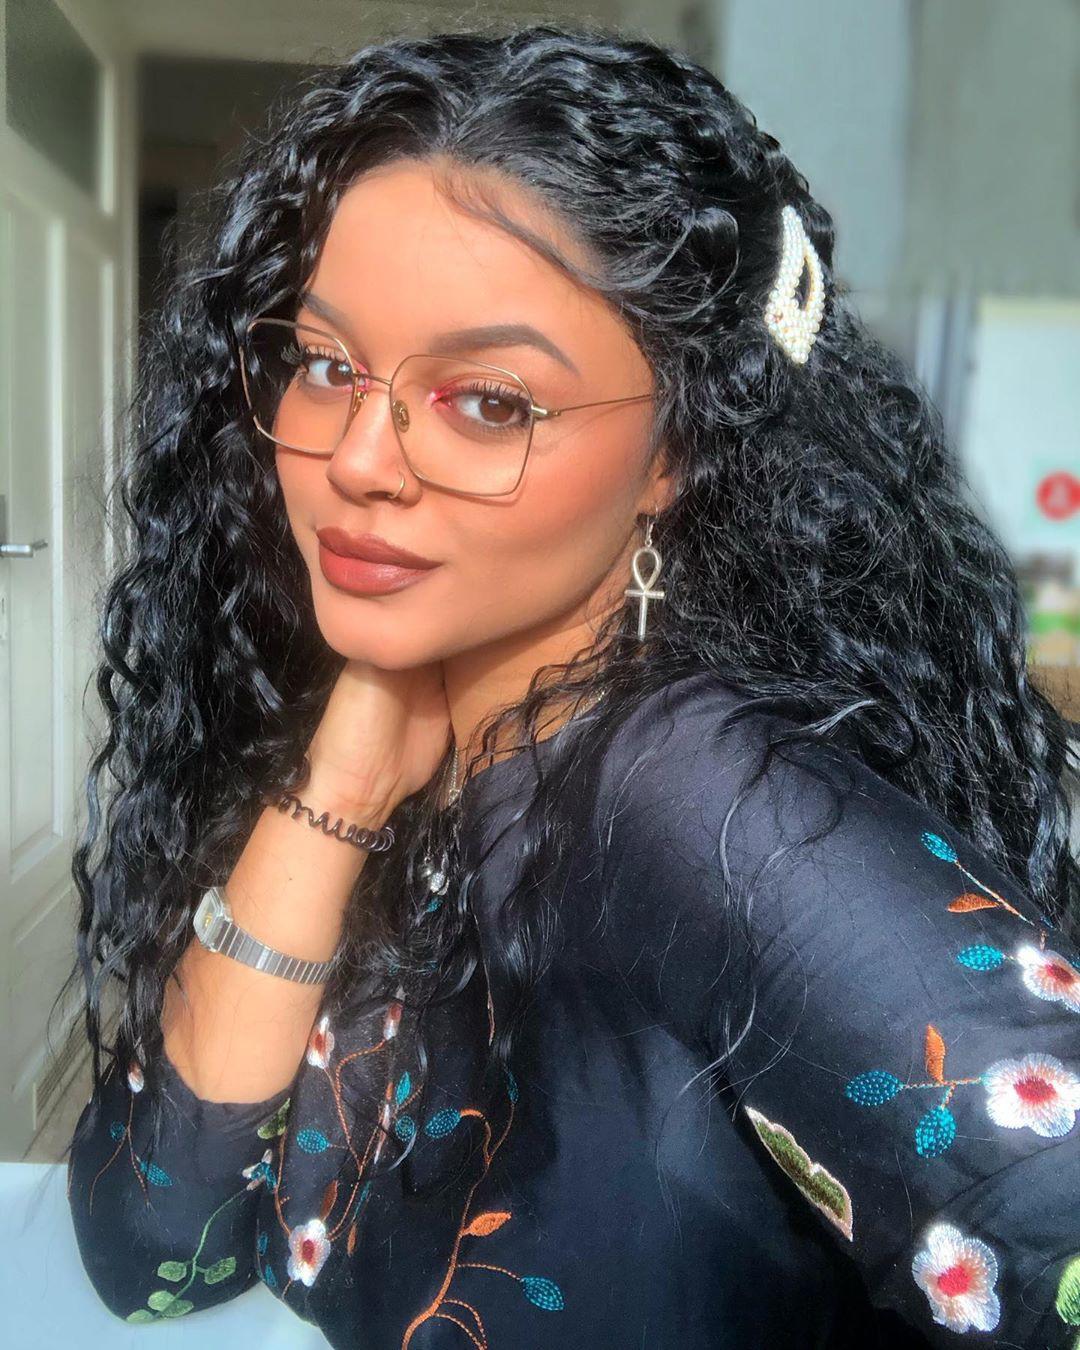 Sina Iuna Black Hair Color, Lips Smile, Long Natural Hair